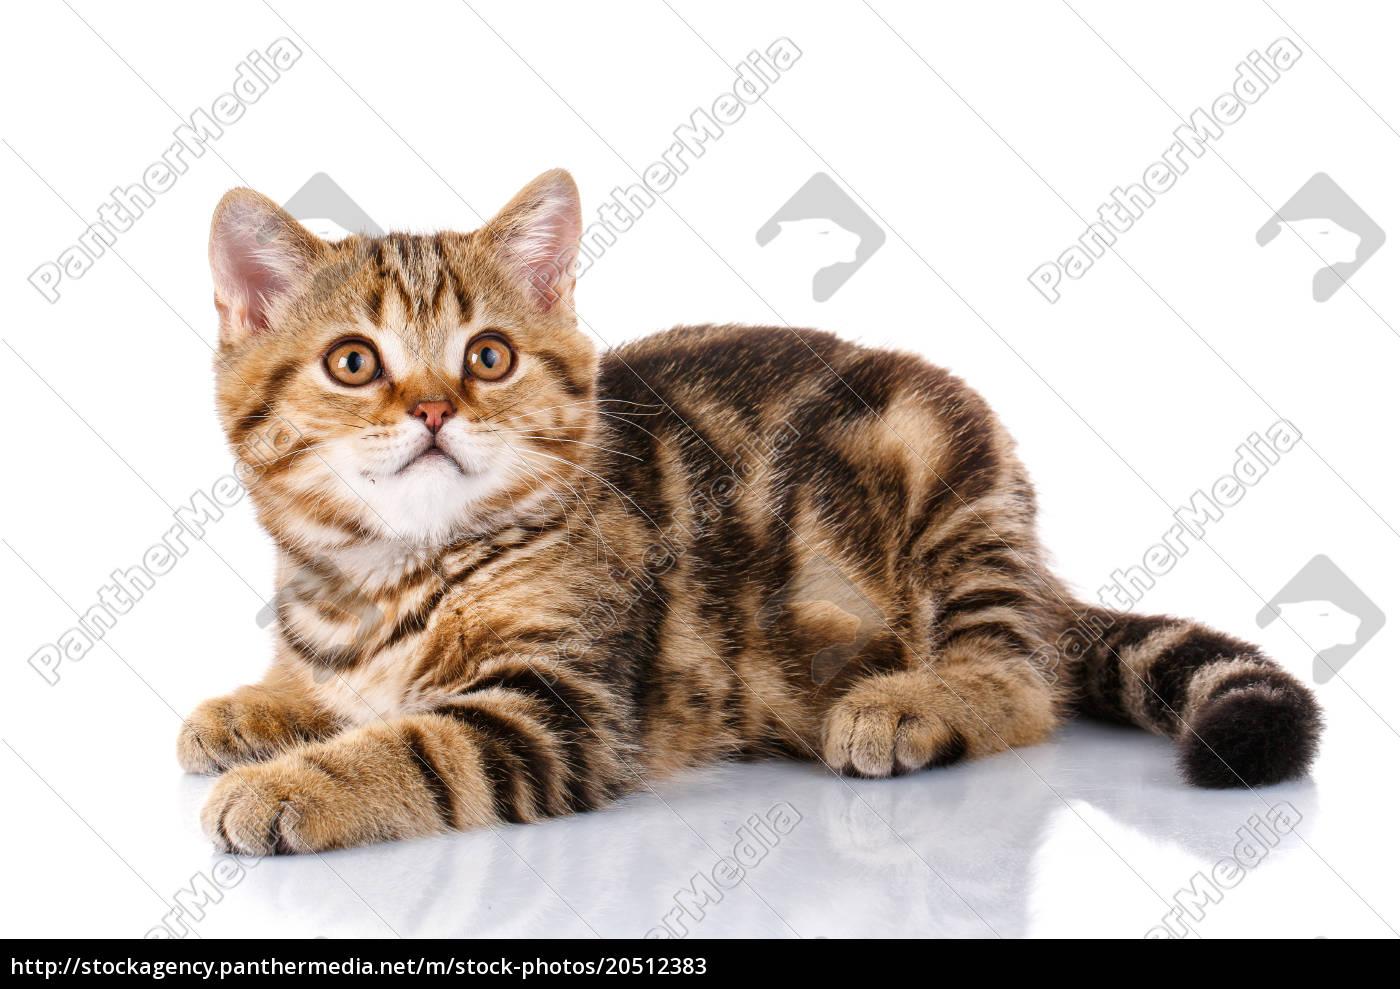 cat, lying, on, isolated, white, background - 20512383